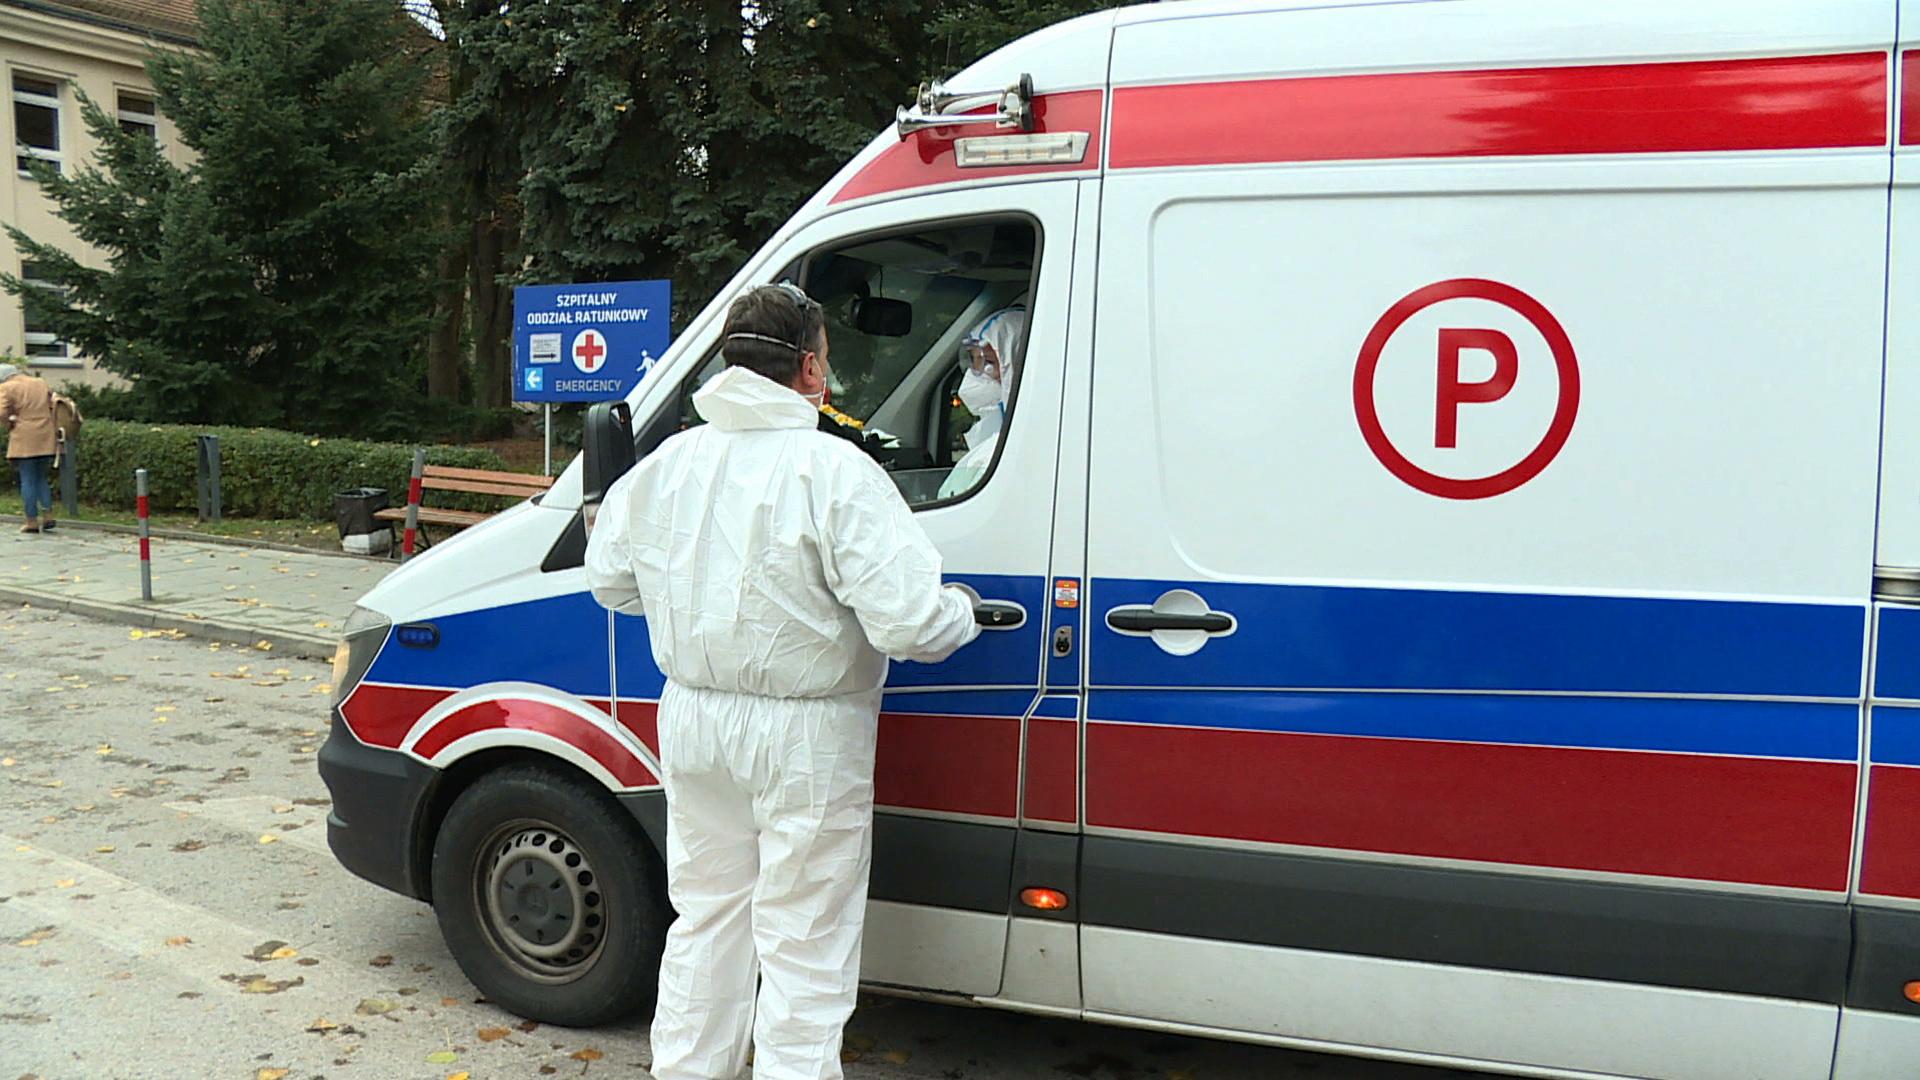 Kilkanaście godzin szukali szpitala dla zakażonego kierowcy karetki. Mężczyzna zmarł